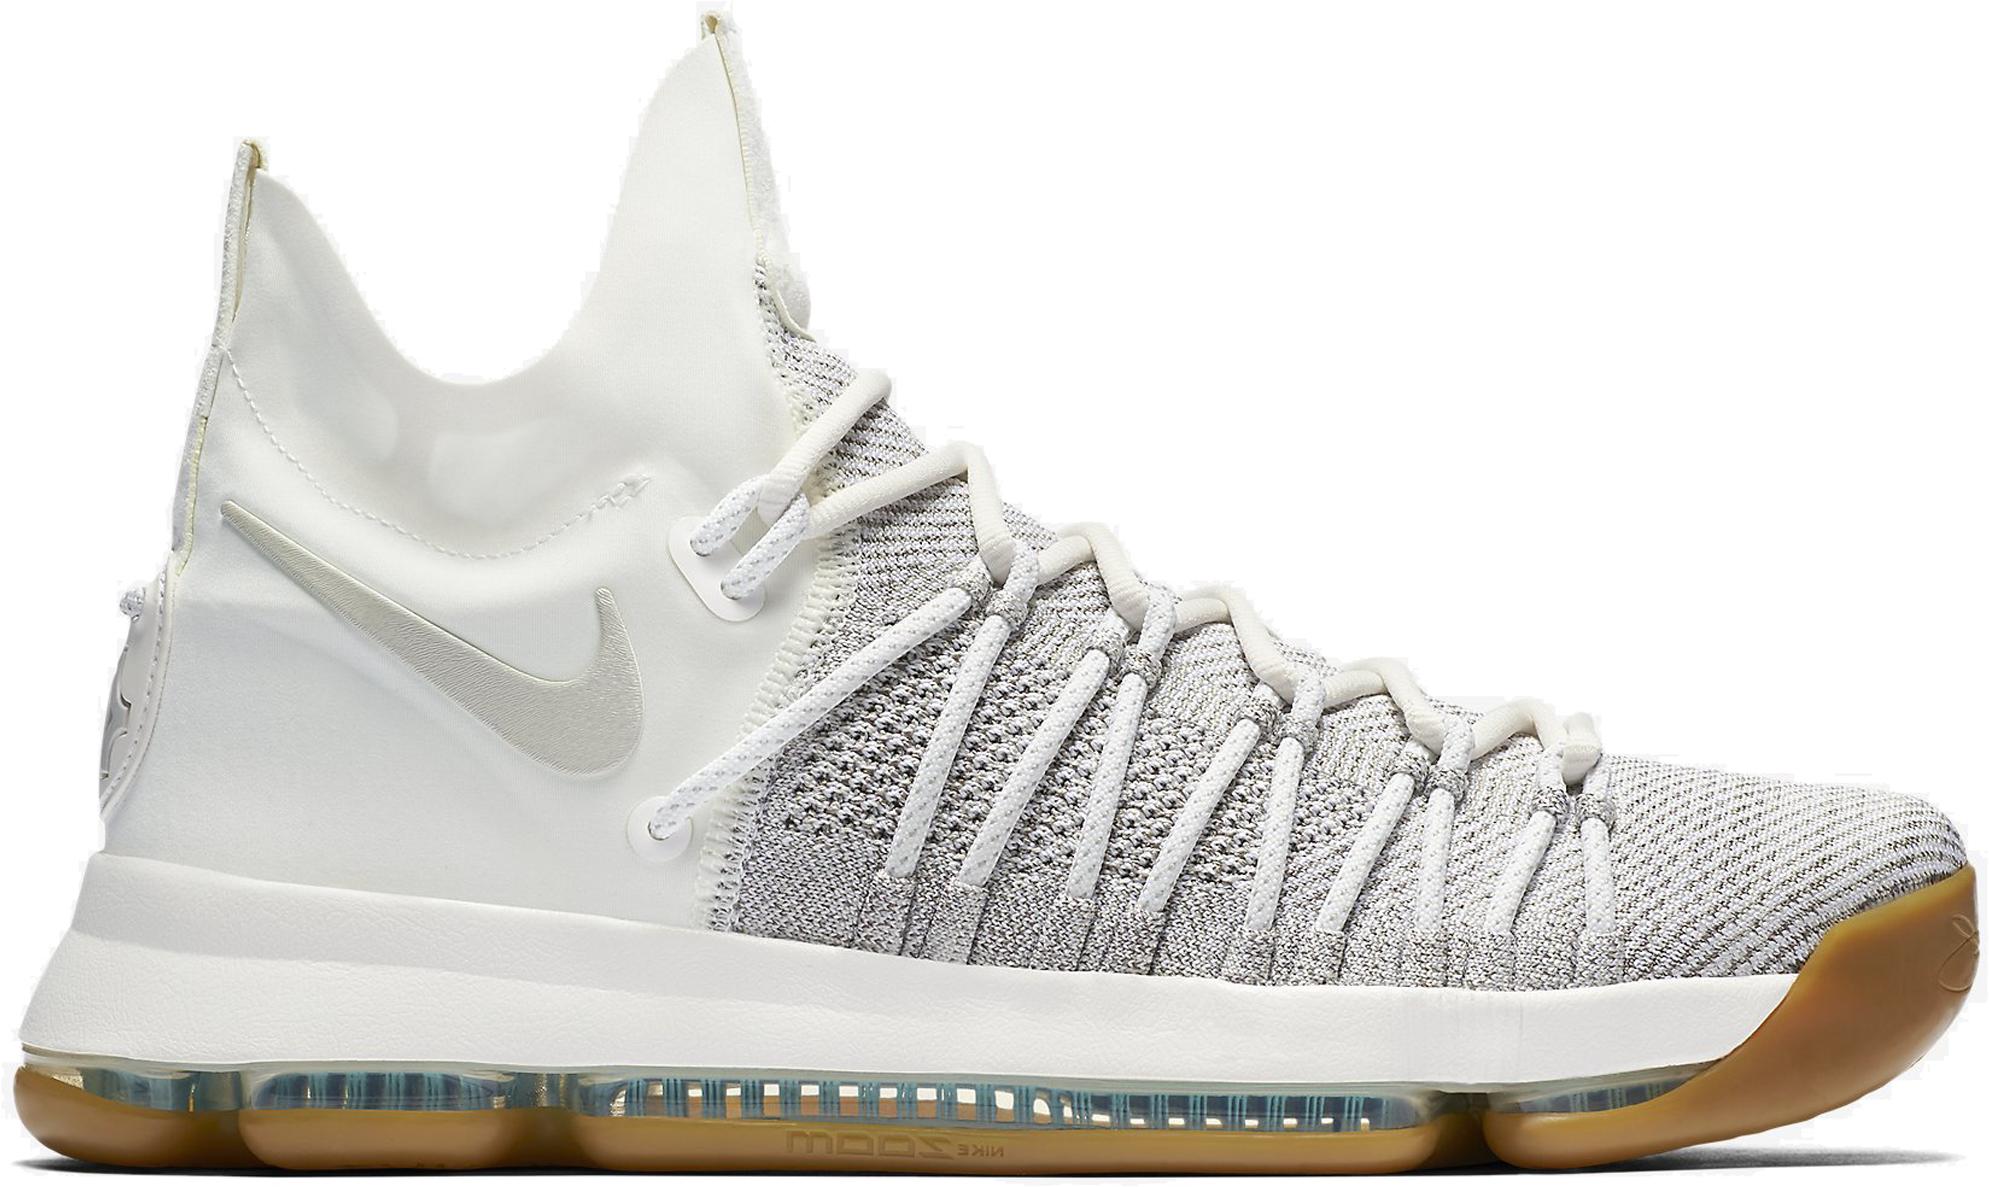 Nike KD 9 Elite Pale Grey - 878637-001